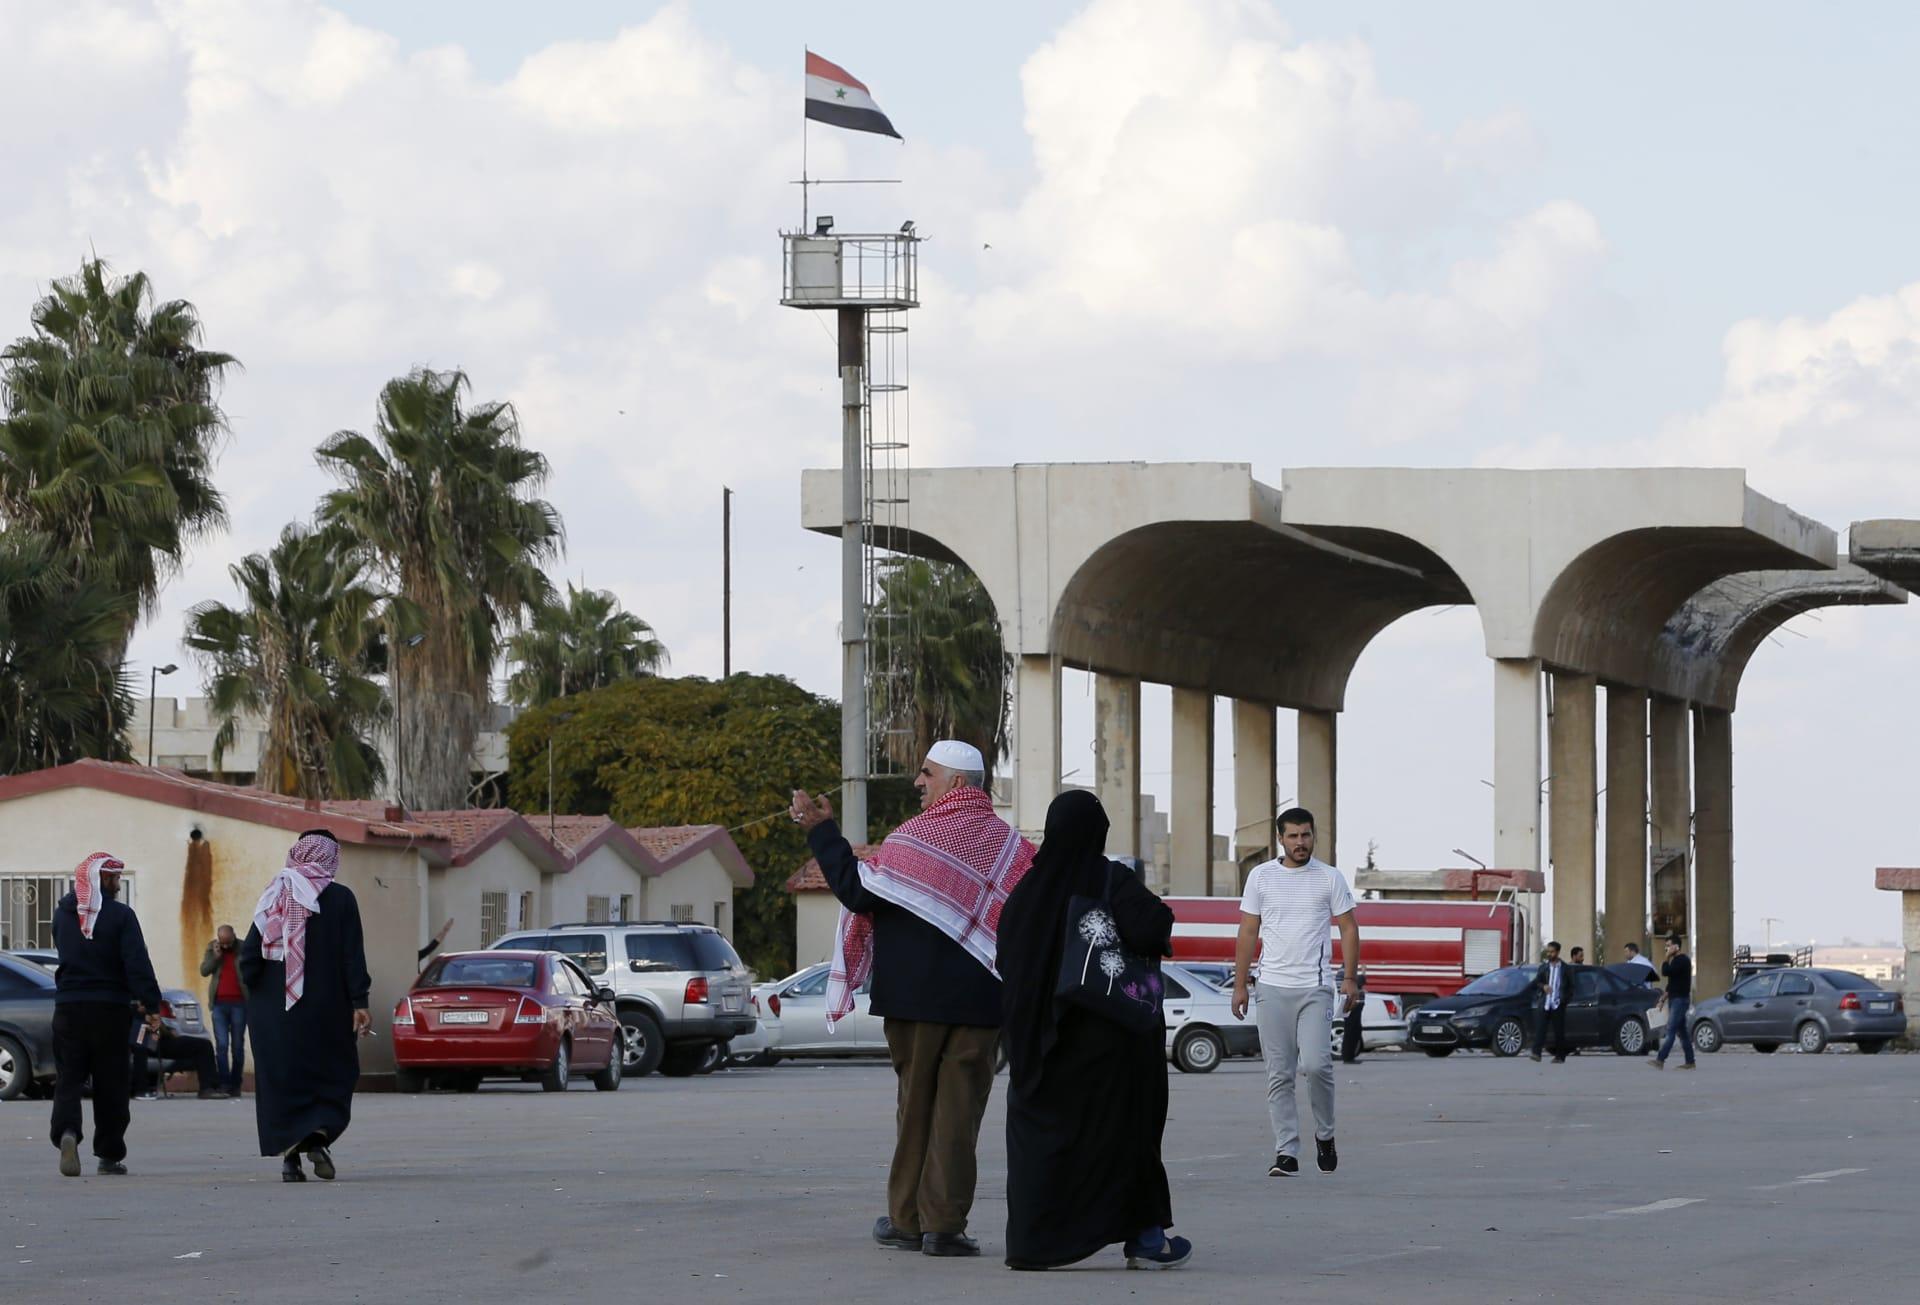 الأردن يحتج على تكرار اعتقال المواطنين الأردنيين في سوريا ويطالب بالإفراج الفوري عنهم